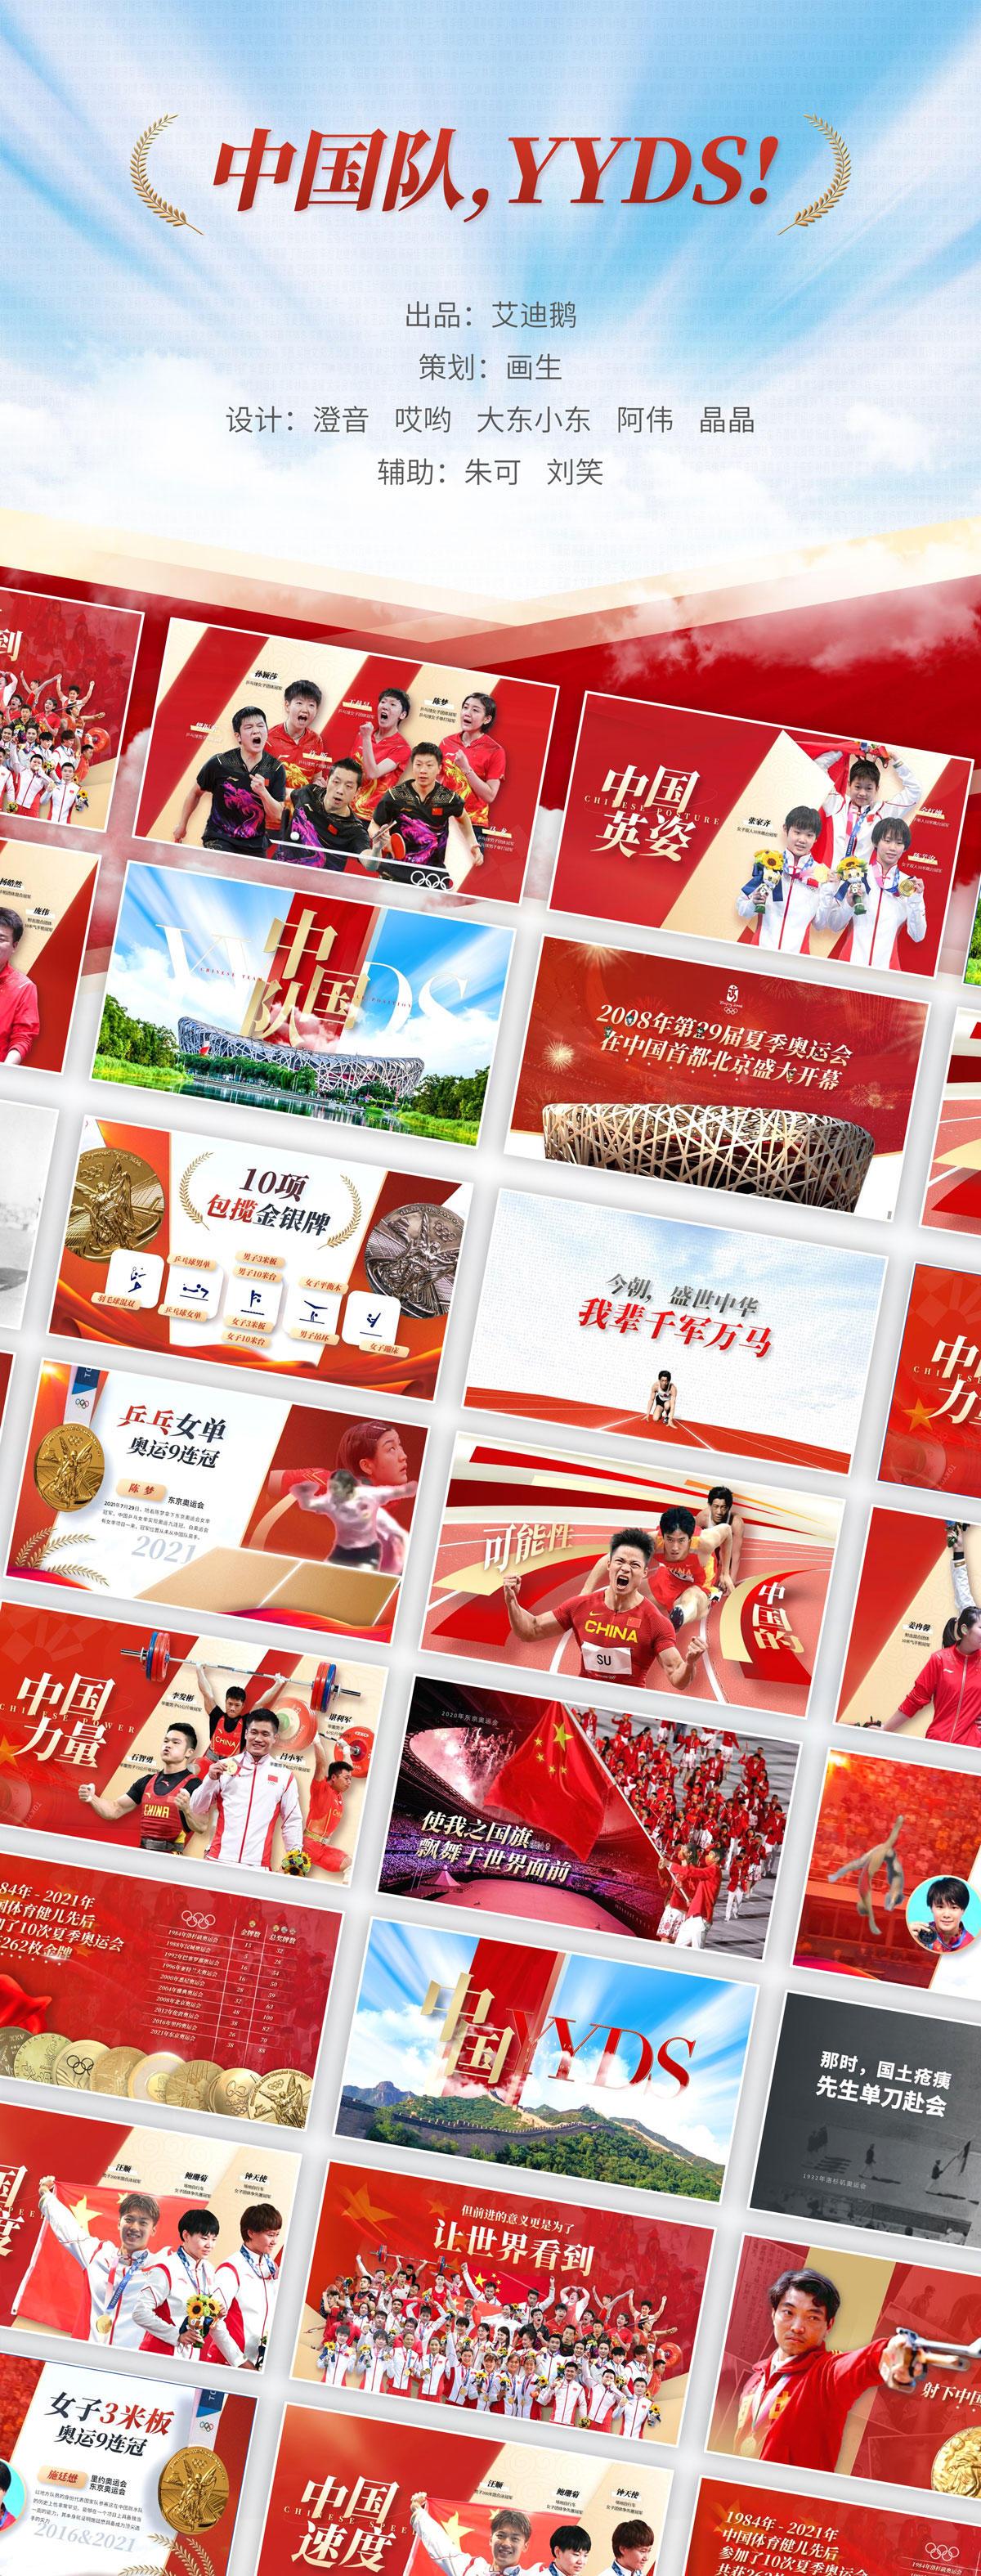 用PPT致敬中国体育天团